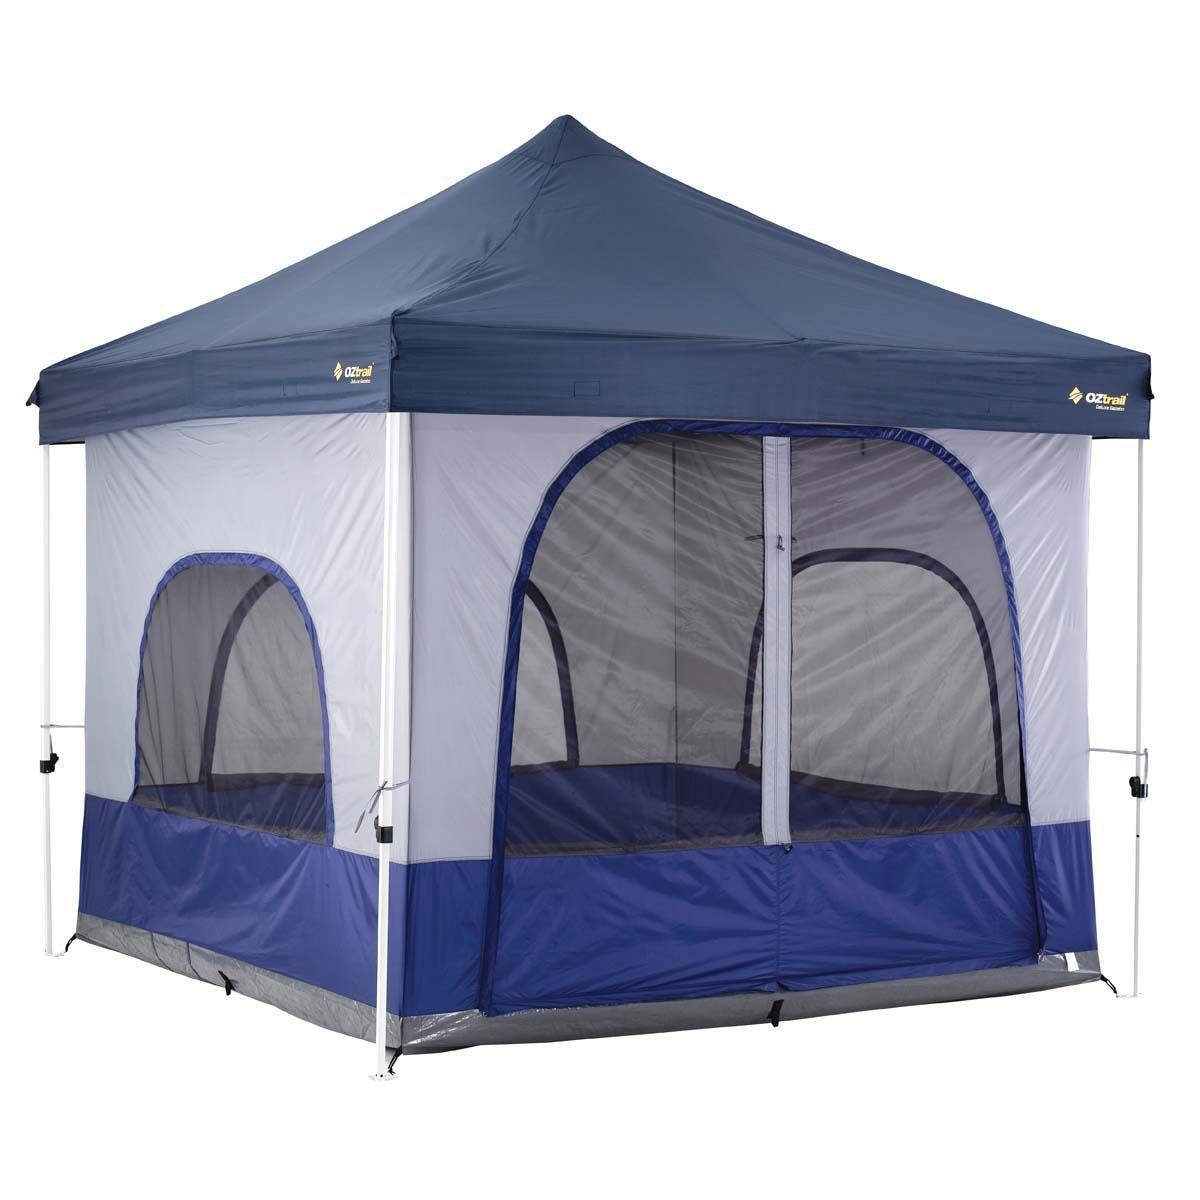 OZtrail Gazebo Inner Tent Kit - 10u0027 x 10u0027 - BCF Australia  sc 1 st  Pinterest & OZtrail Gazebo Inner Tent Kit - 10u0027 x 10u0027 - BCF Australia ...